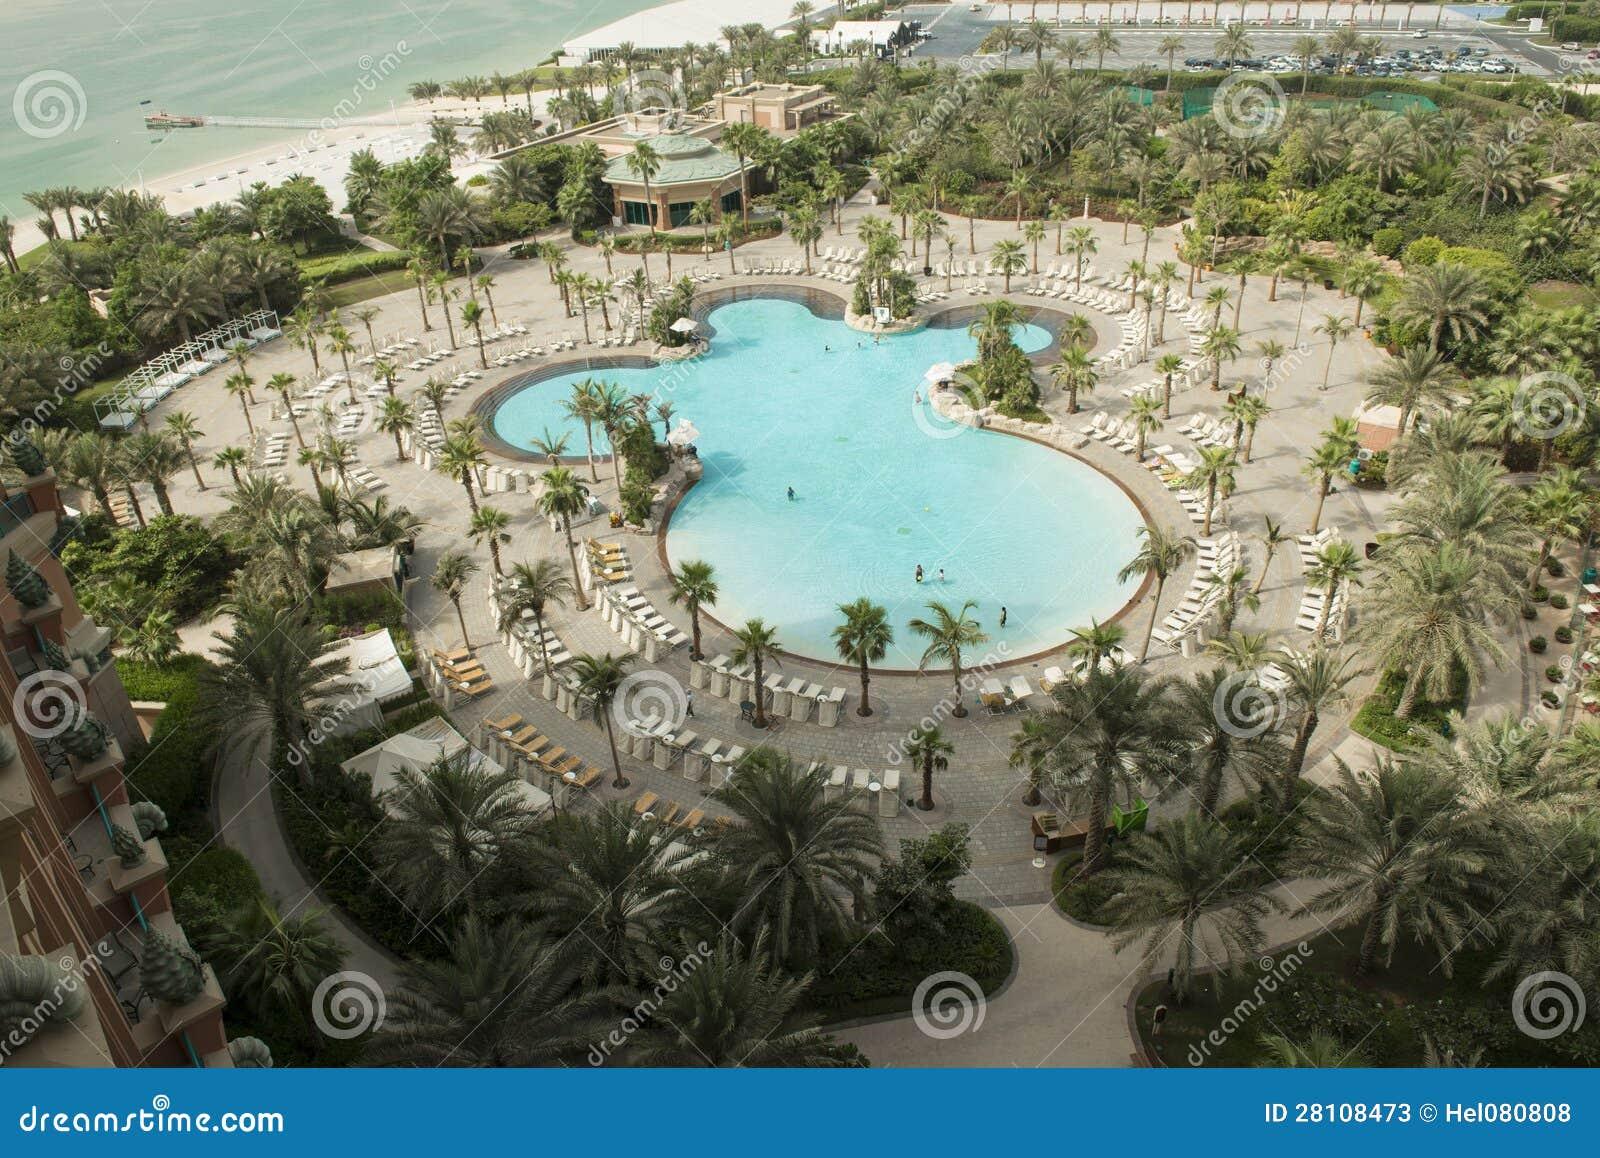 Pool Atlantis Dubai Stock Photos Image 28108473